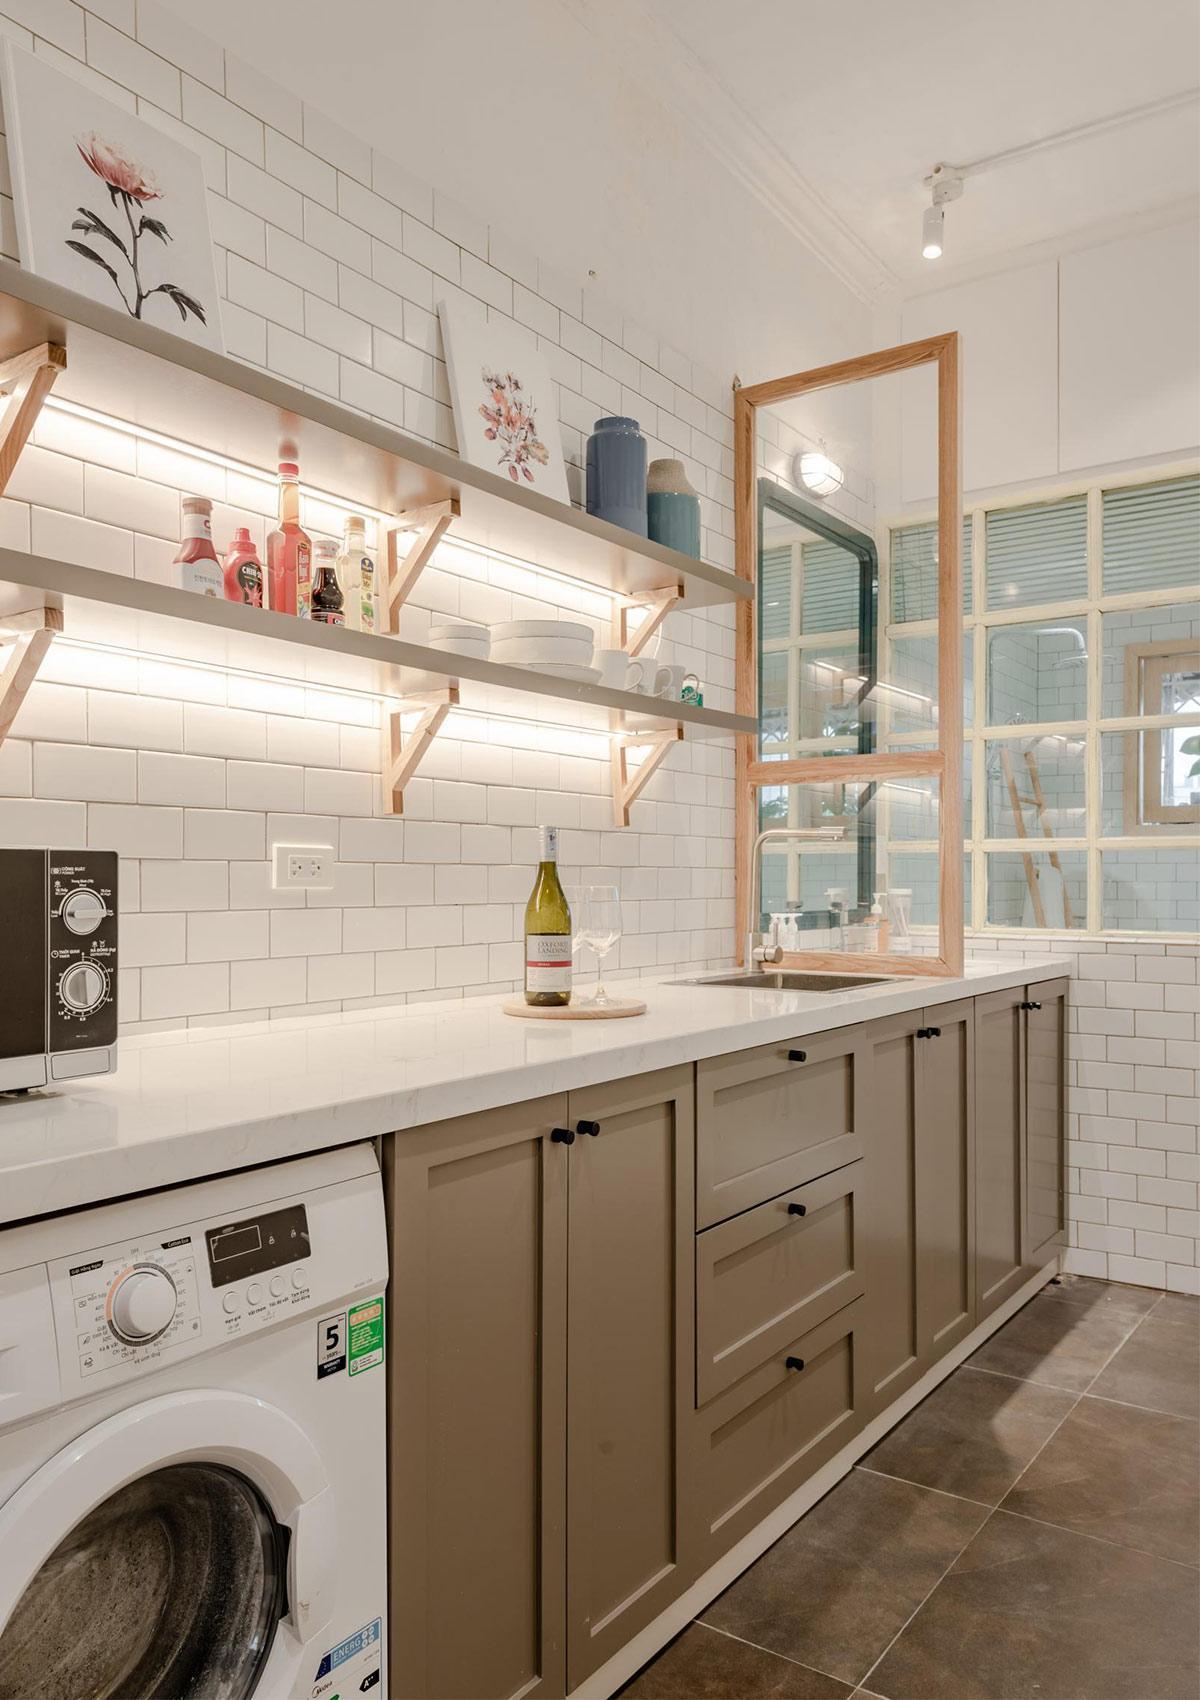 nhà bếp sau khi được cải tạo